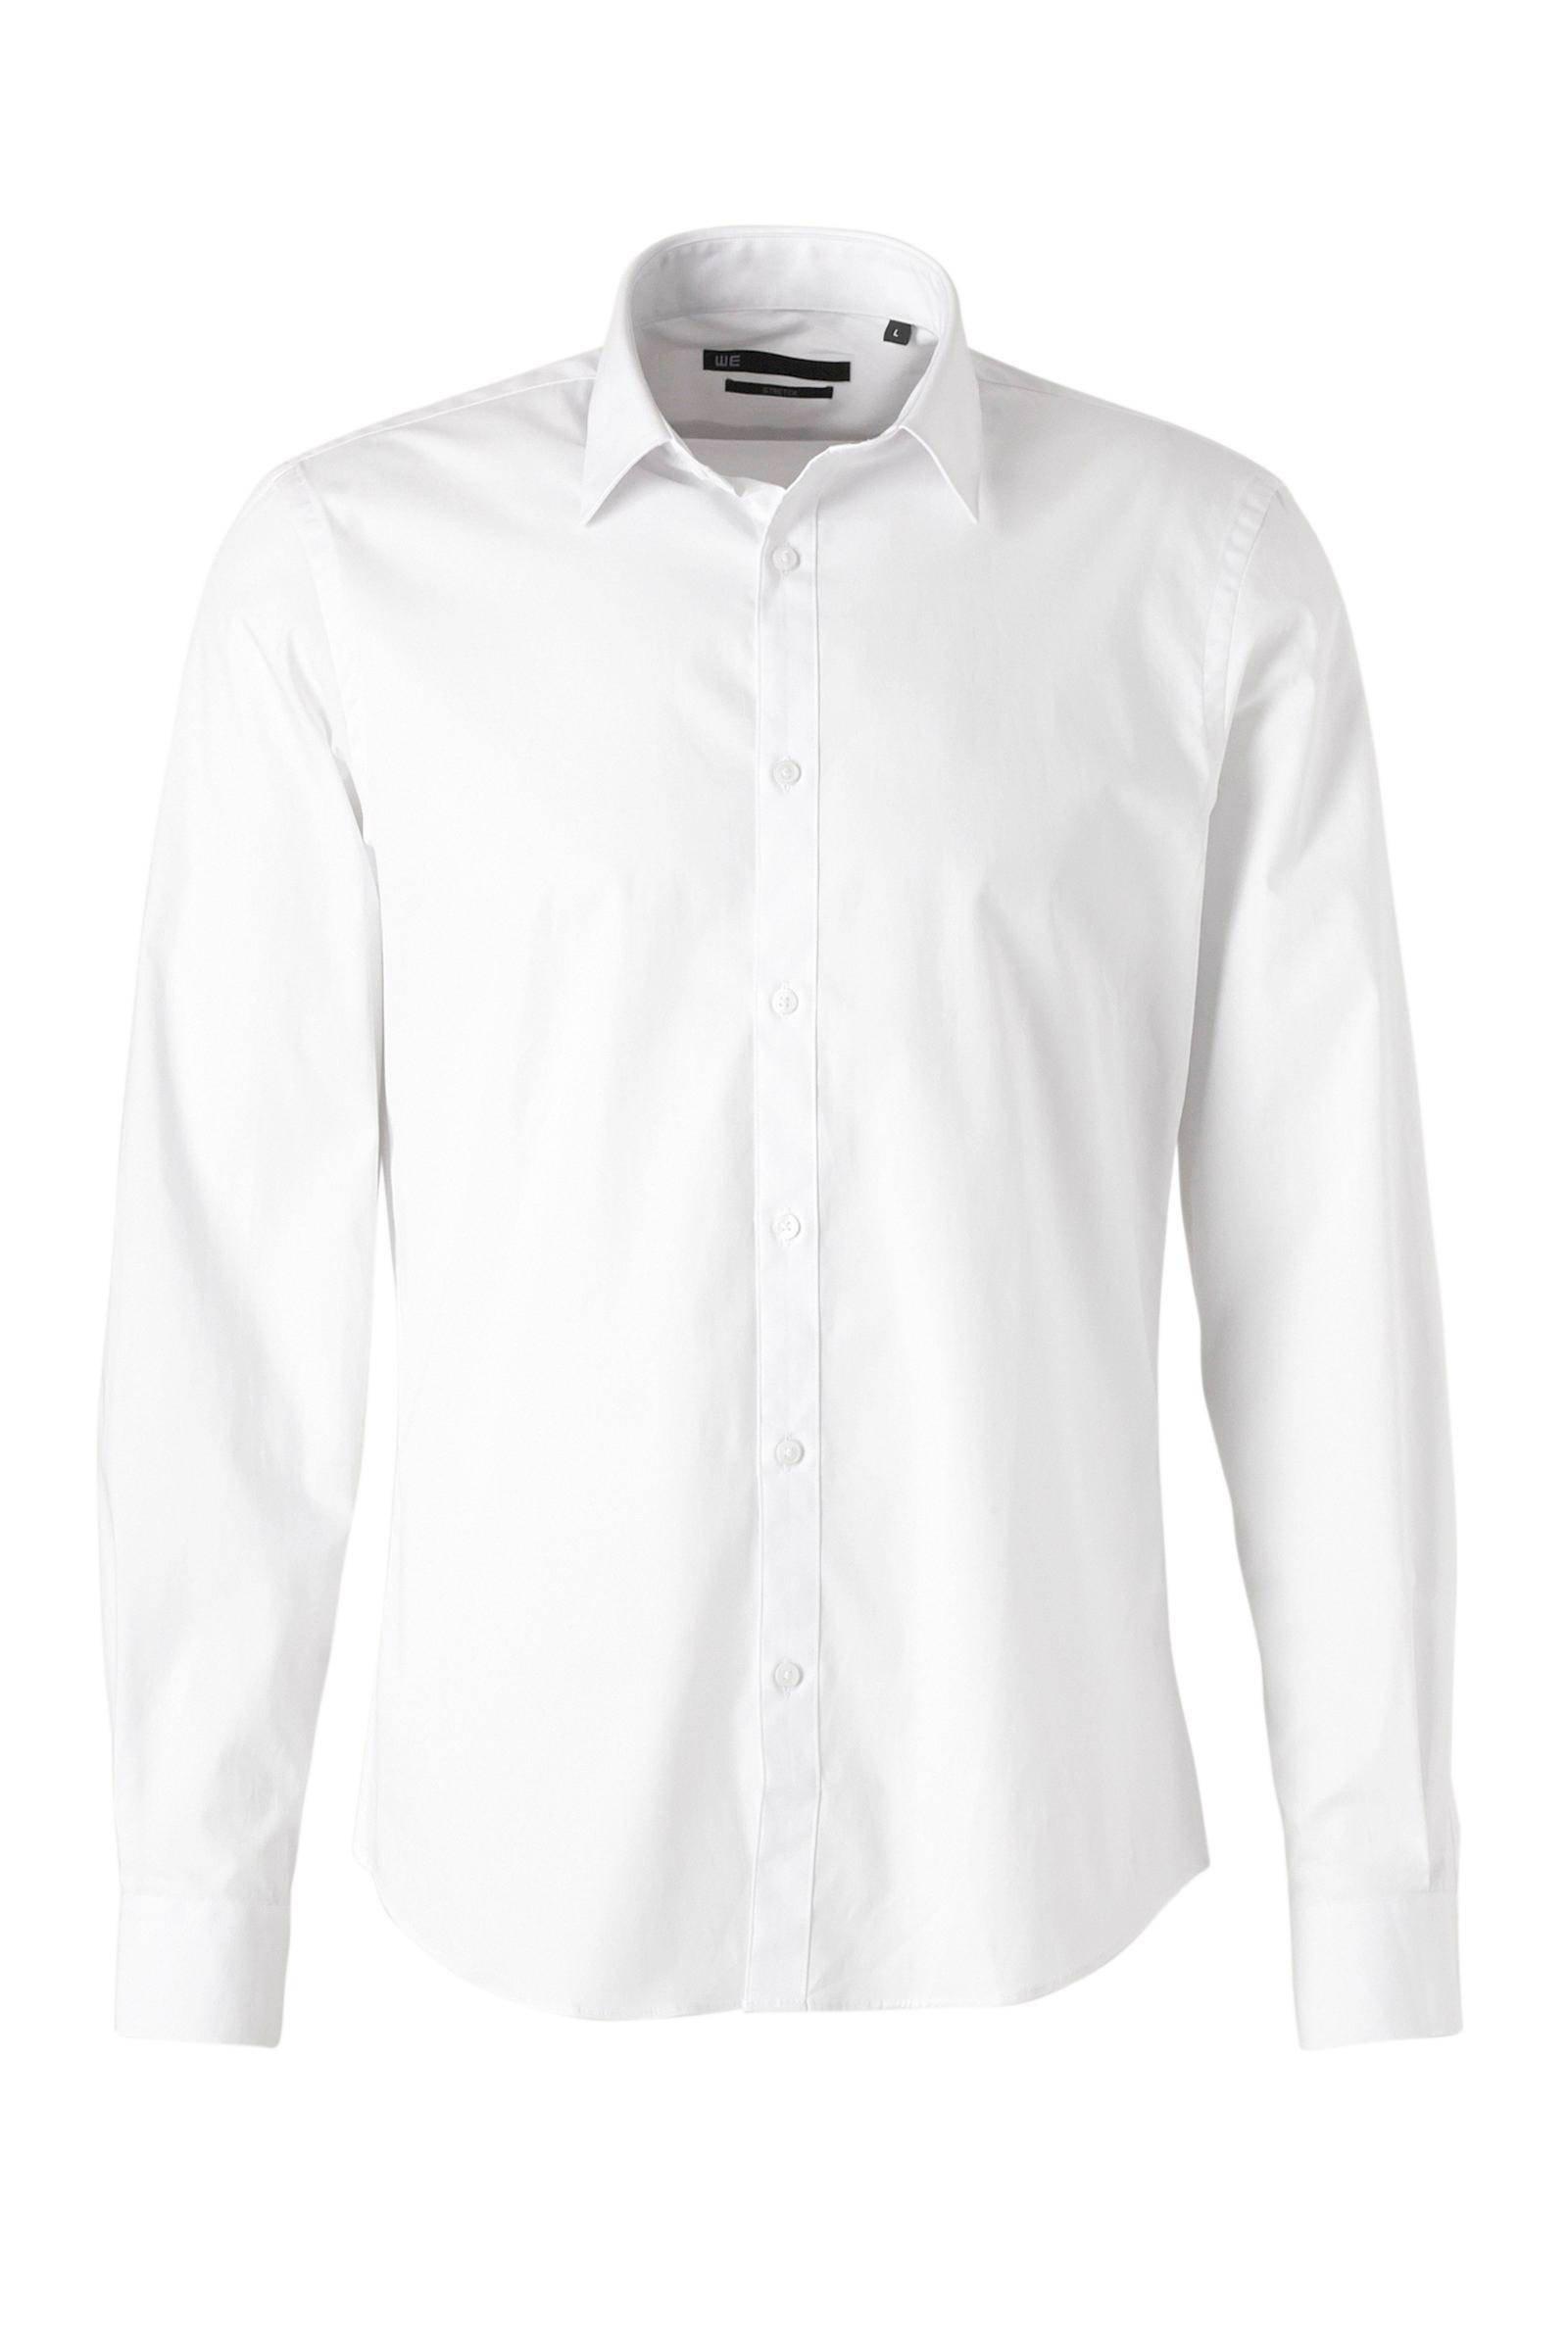 We Overhemd Heren.Slim Fit Overhemd